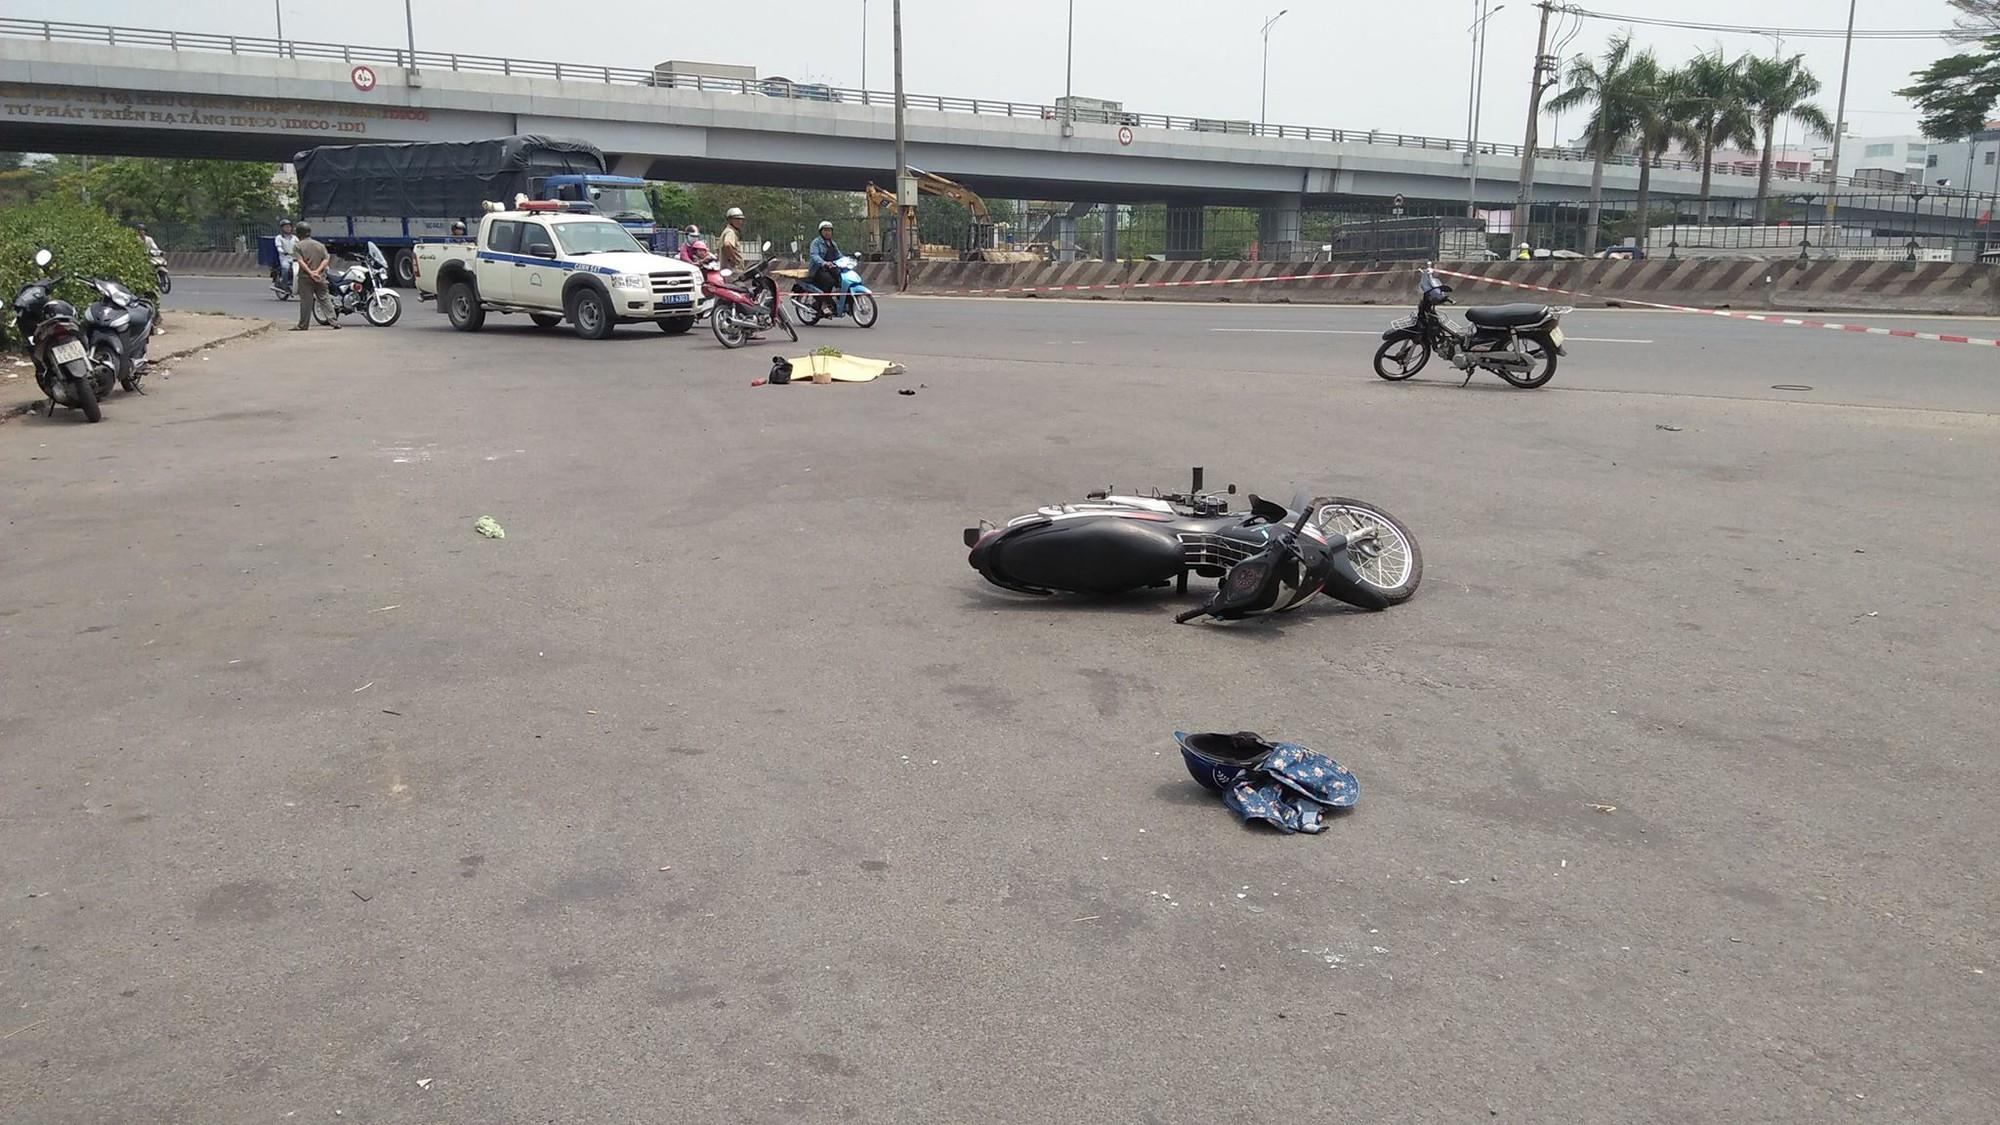 Va chạm với xe tải chạy cùng chiều, người phụ nữ bị cán tử vong thương tâm ở Sài Gòn - Ảnh 1.